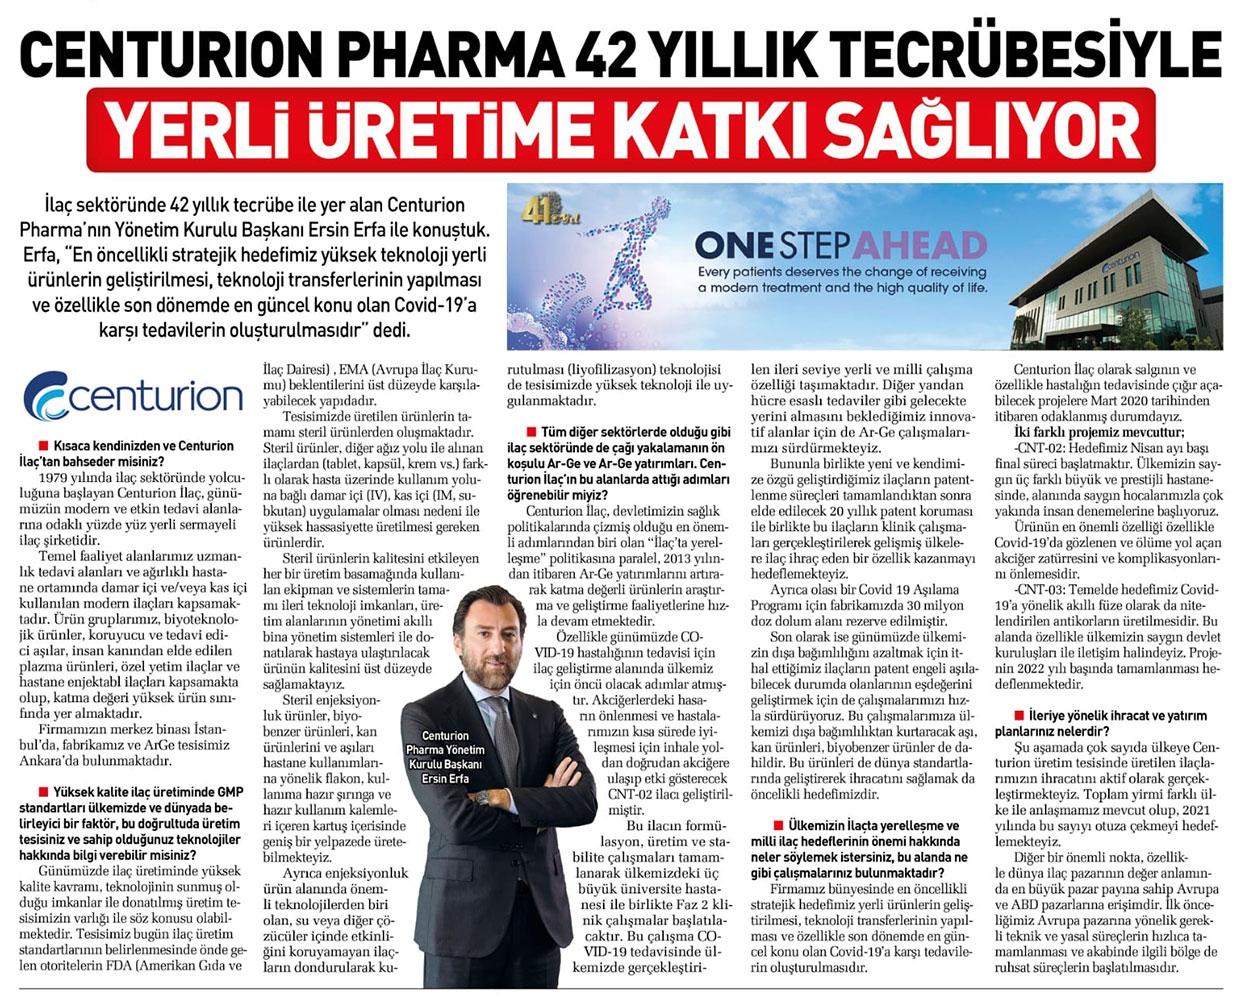 Centurion Pharma 42 Yıllık Tecrübesiyle Yerli Üretime Katkı Sağlıyor